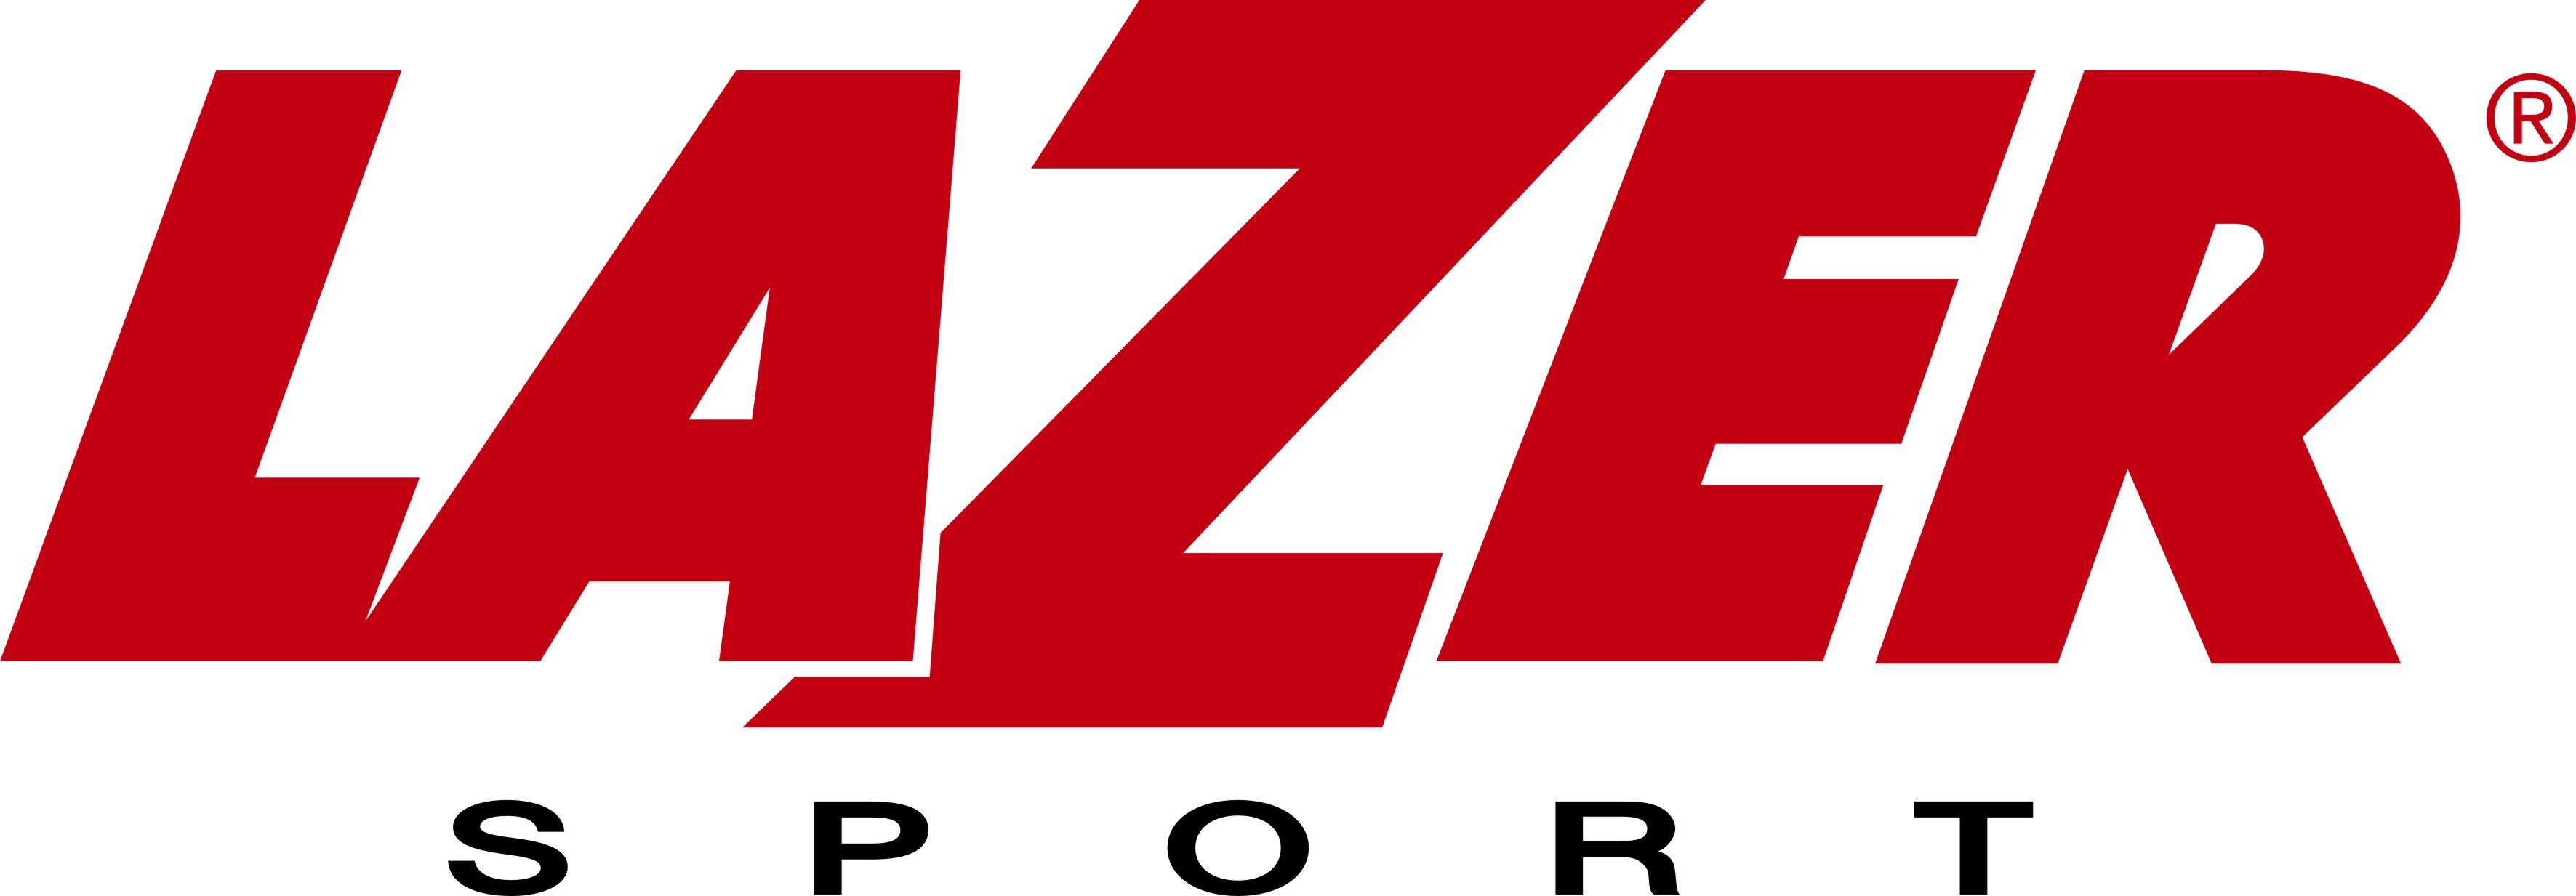 lazer_sport_highres